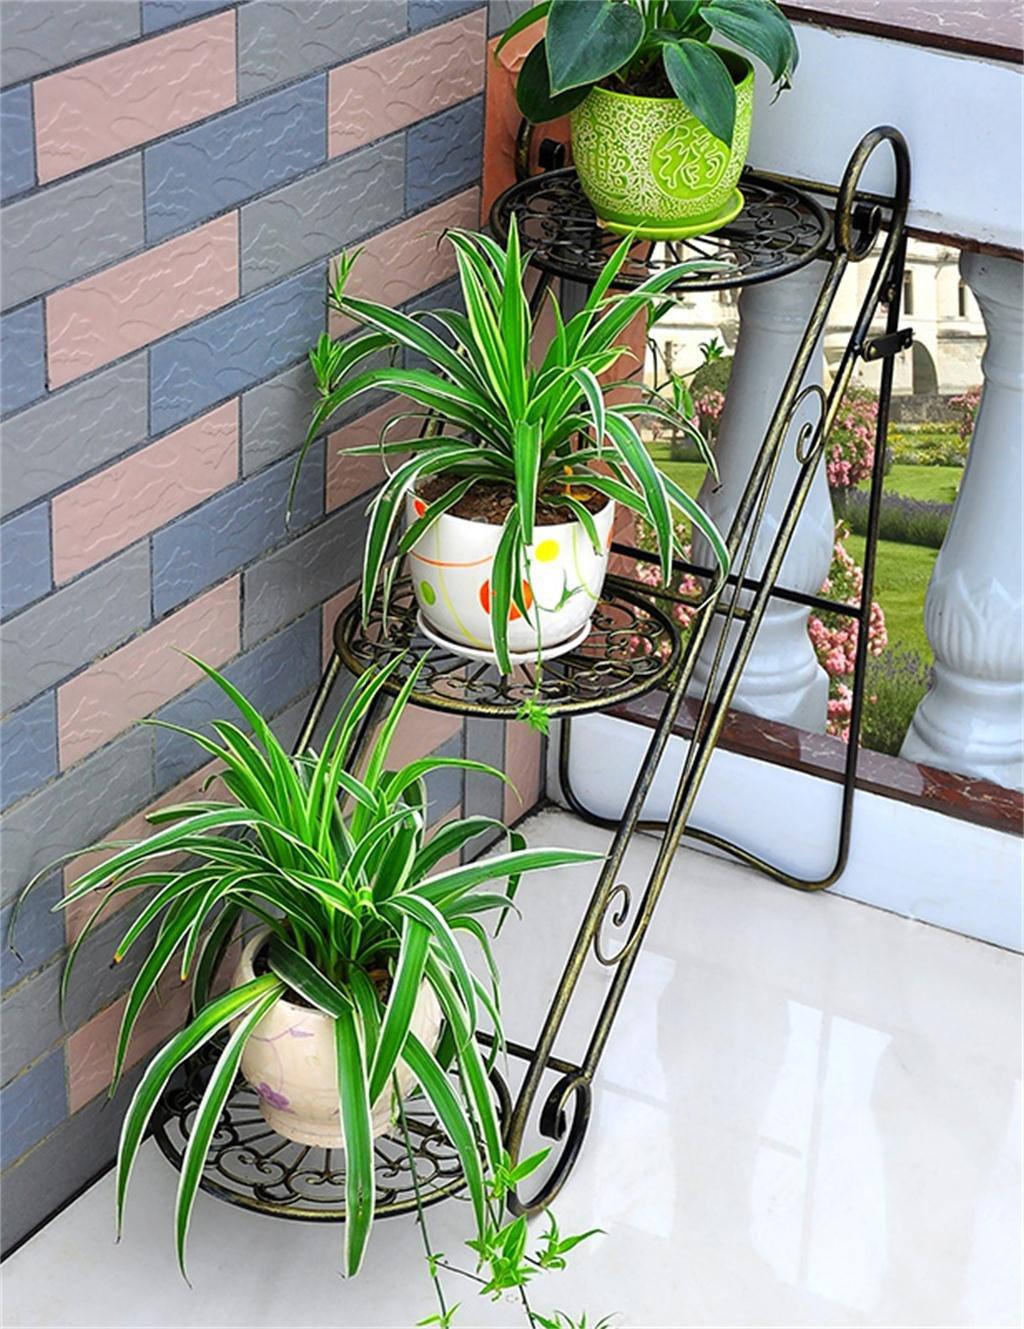 Eisen Blumentopf Rack Wohnzimmer Balkon Blumentopf Regal Multi - Layer Eisen Blumenregale ( farbe : Bronze )